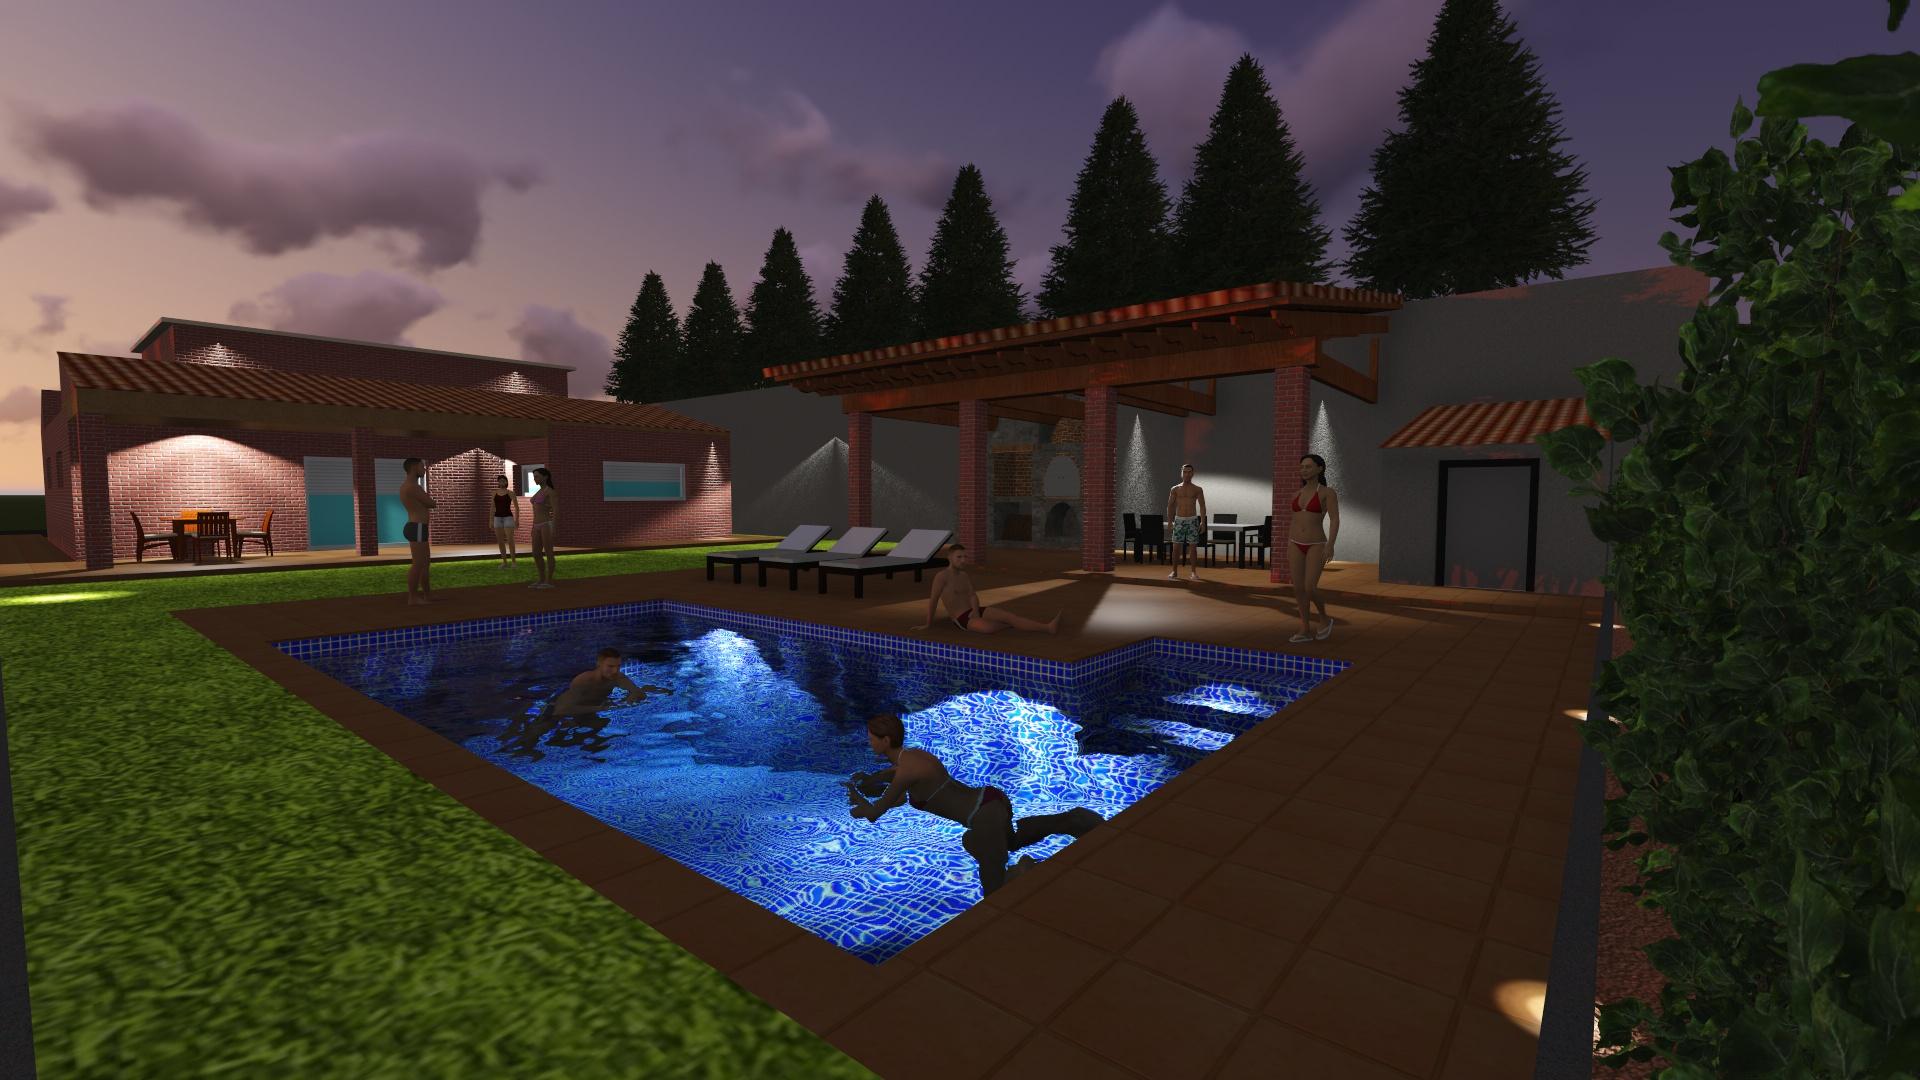 Dise os en piscinas 3d casa dise o for Piscina 3d